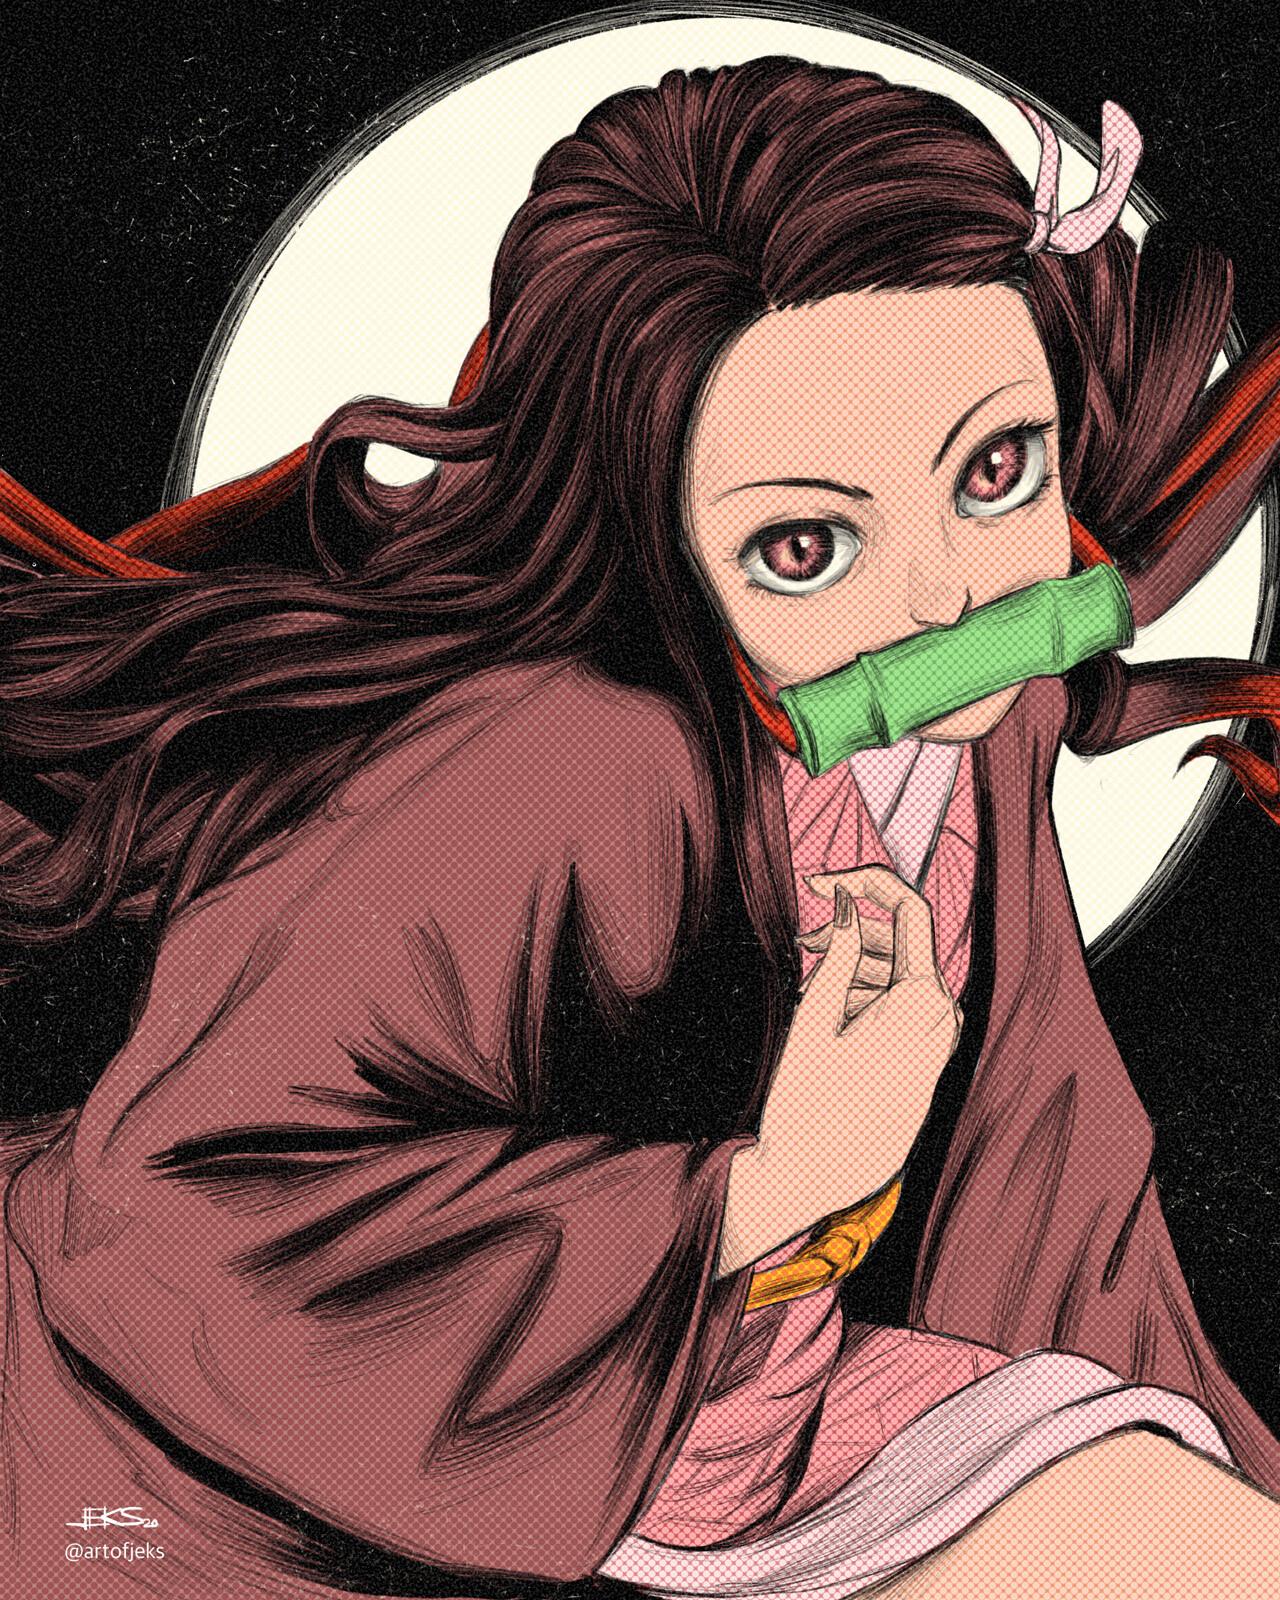 16 - Nezuko of Kimetsu no Yaiba